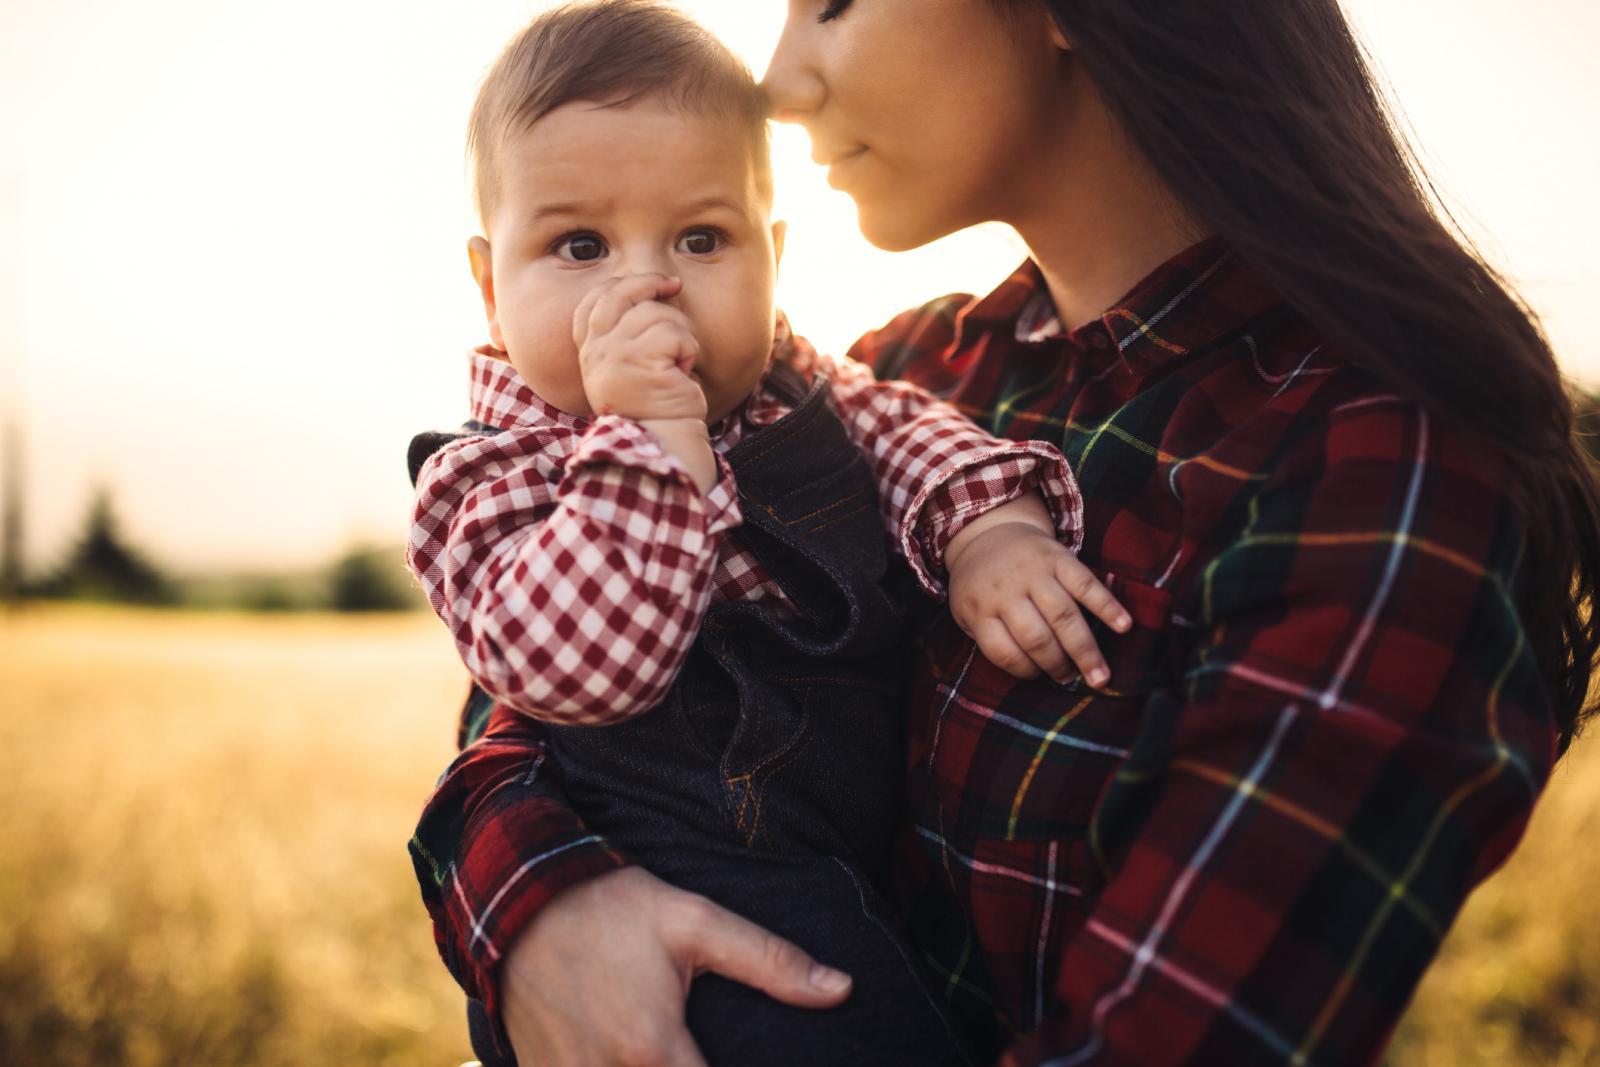 Strah od toga da će roditelj višesatnim nošenjem razmaziti dijete potpuno je neutemeljen i nepotreban.